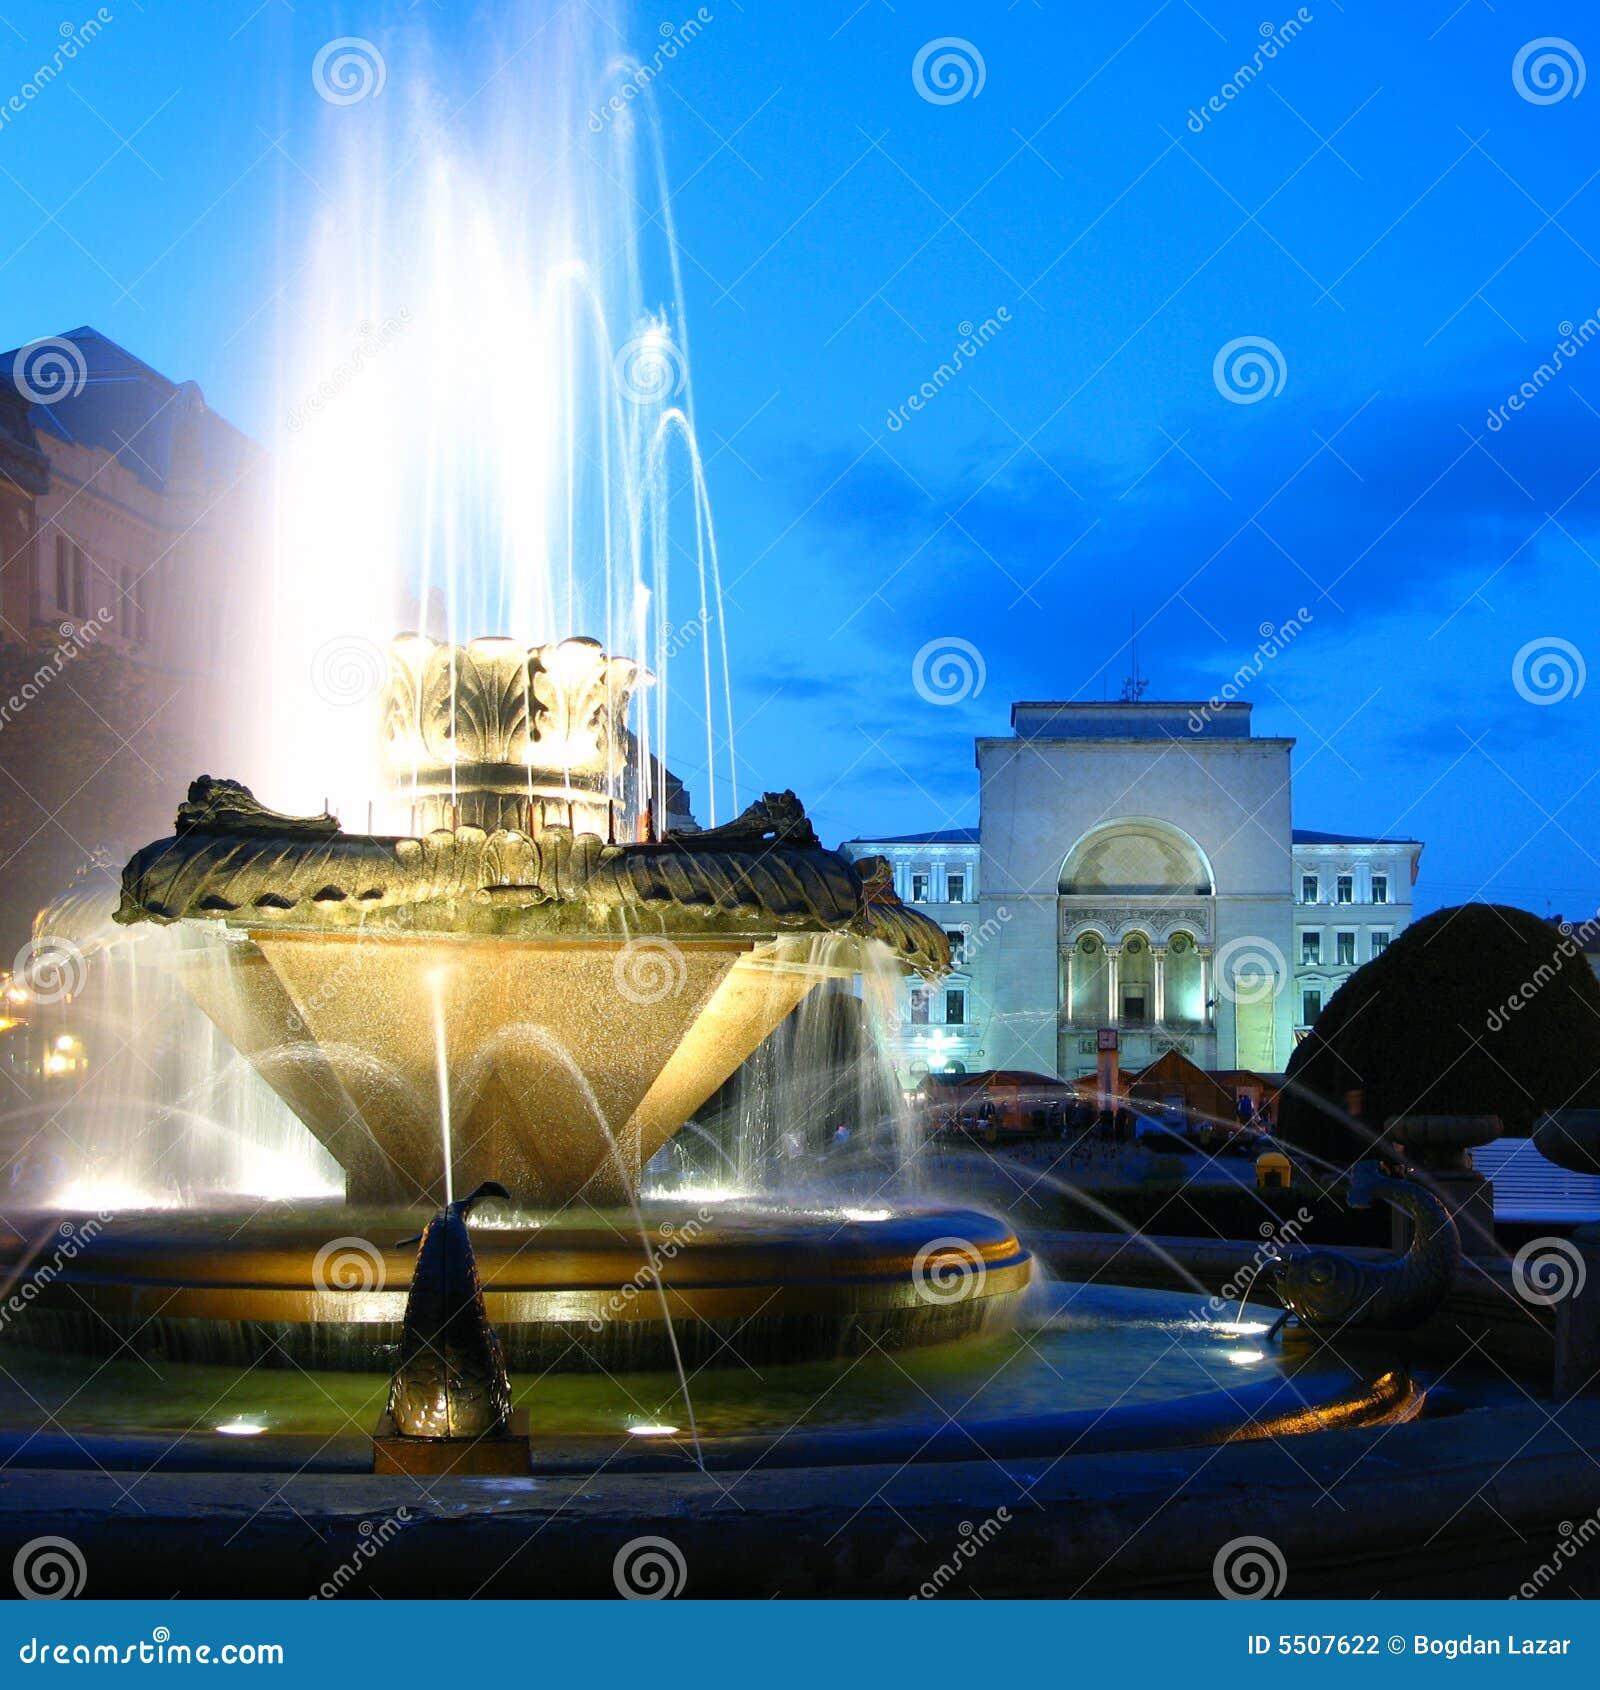 Fountain in Opera Square, Timisoara, Romania